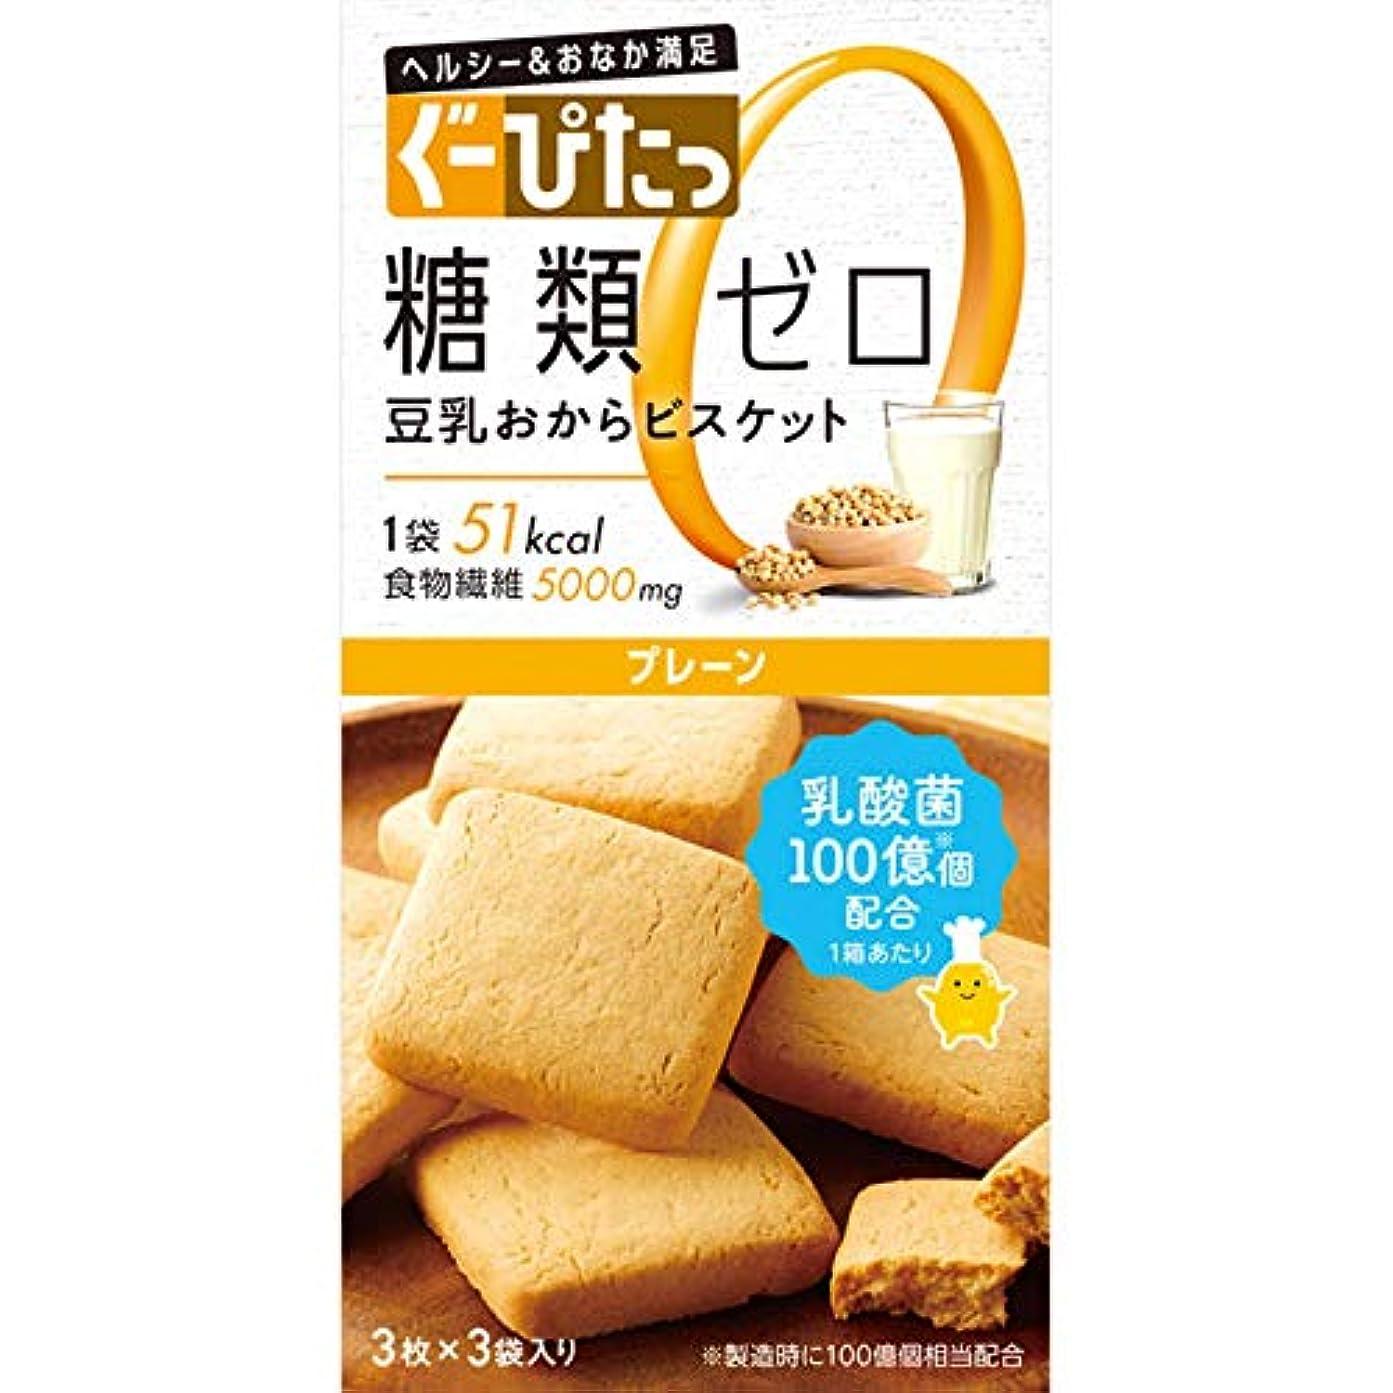 華氏中にうなずくナリスアップ ぐーぴたっ 豆乳おからビスケット プレーン (3枚×3袋) ダイエット食品